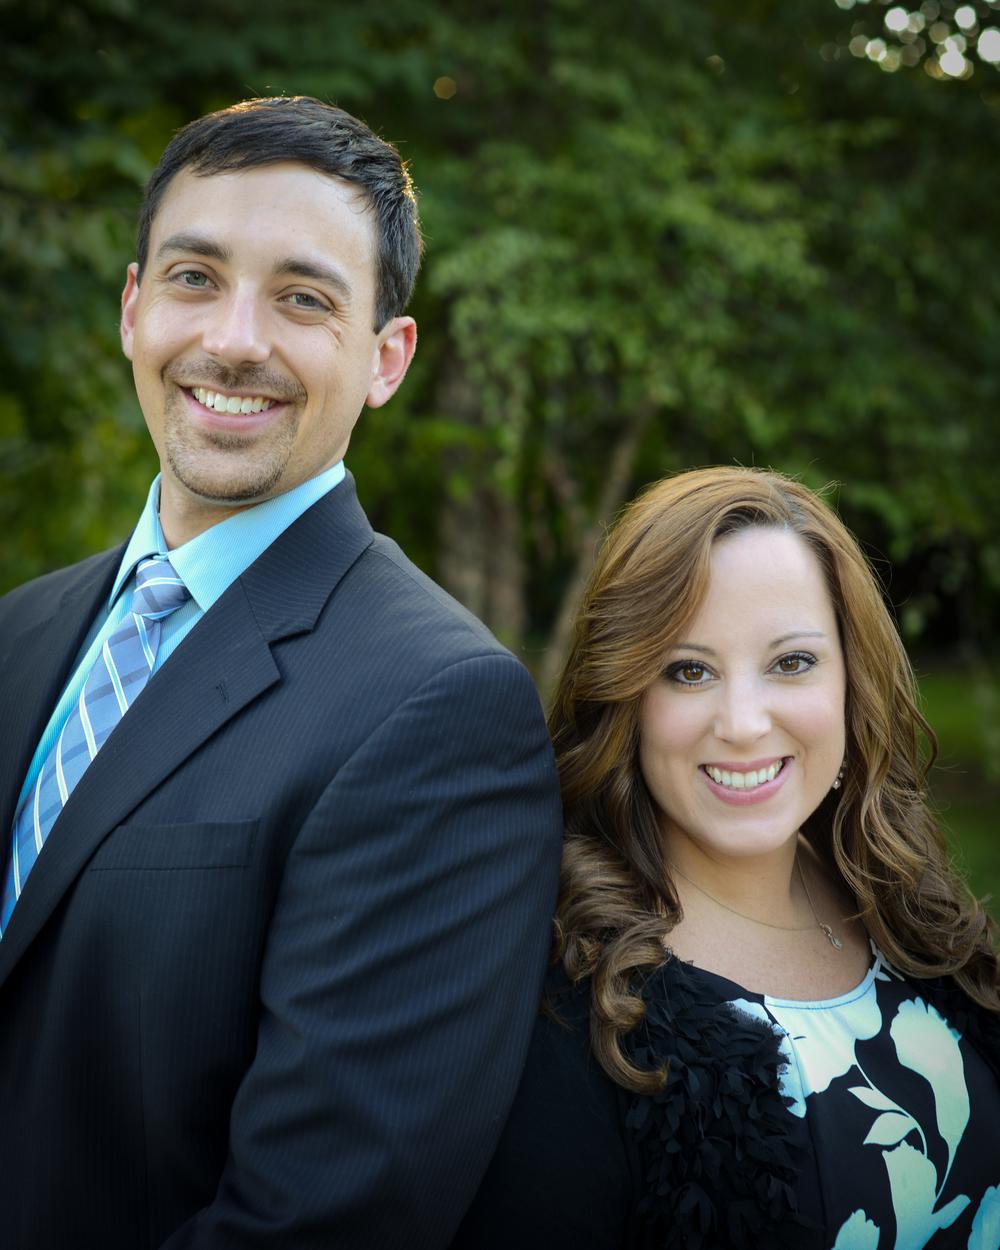 Jessica and Adam